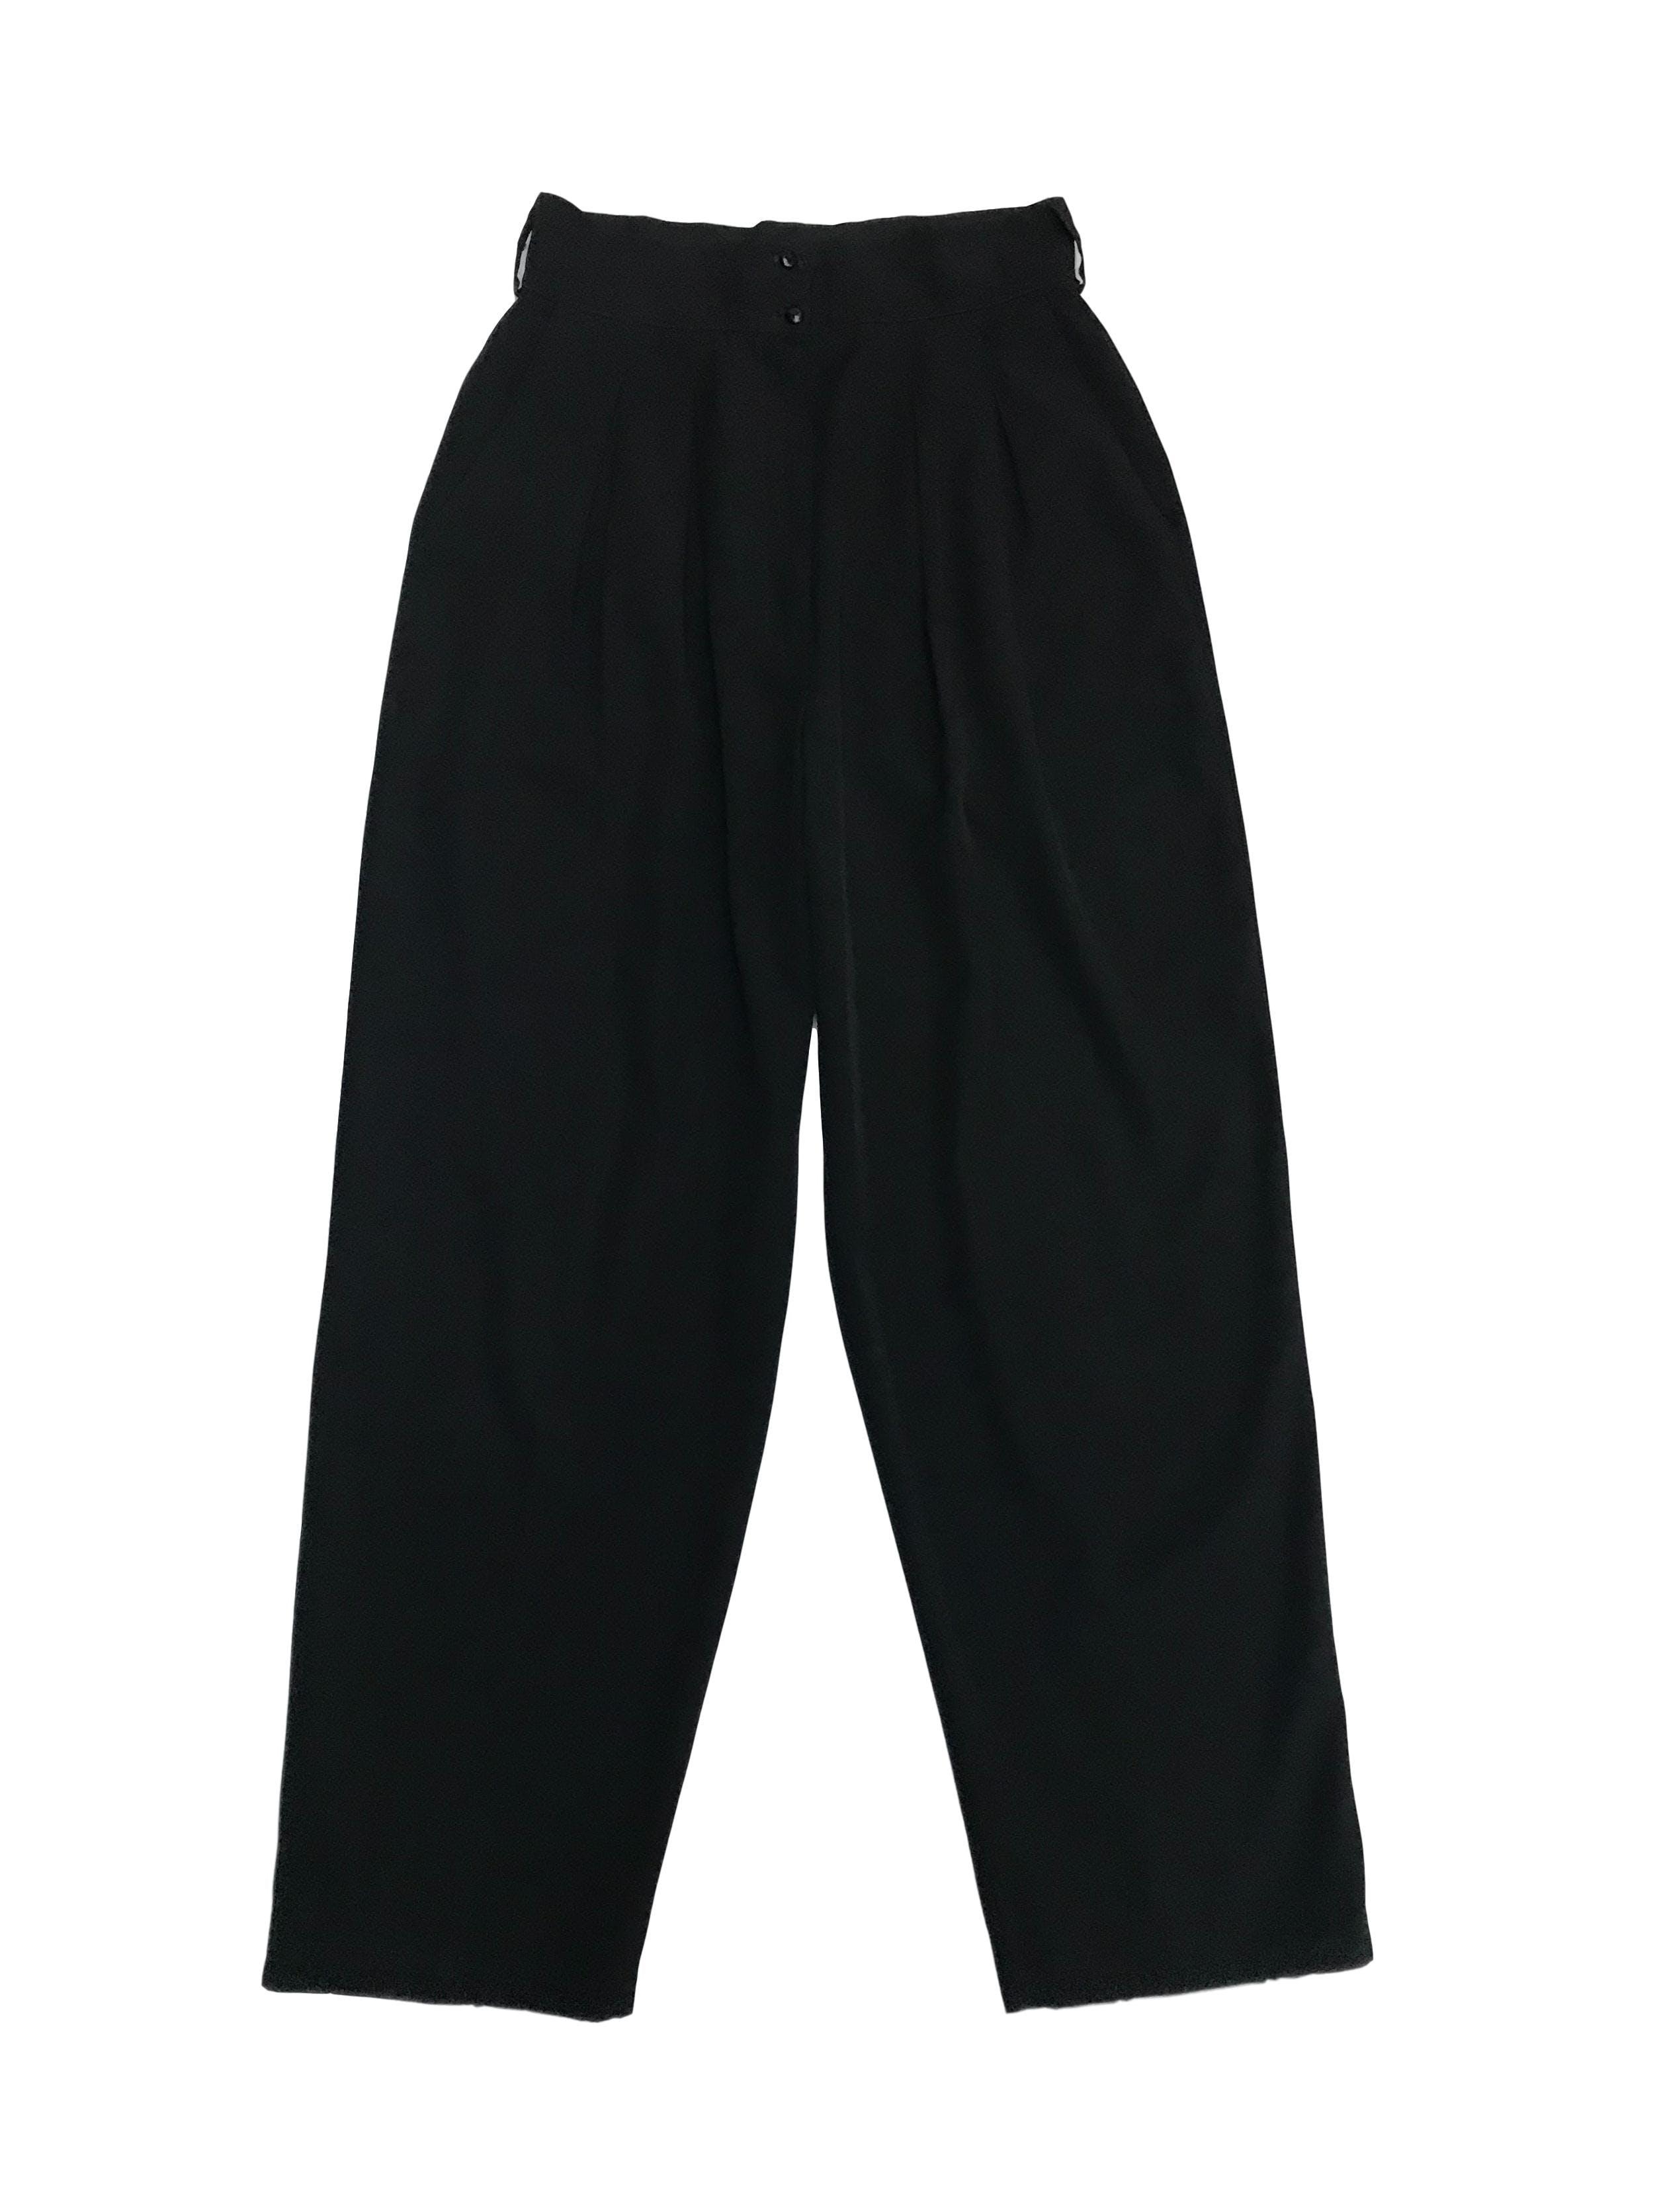 Pantalón vintage a la cintura con pinzas y bolsillos laterales. Cintura 70cm